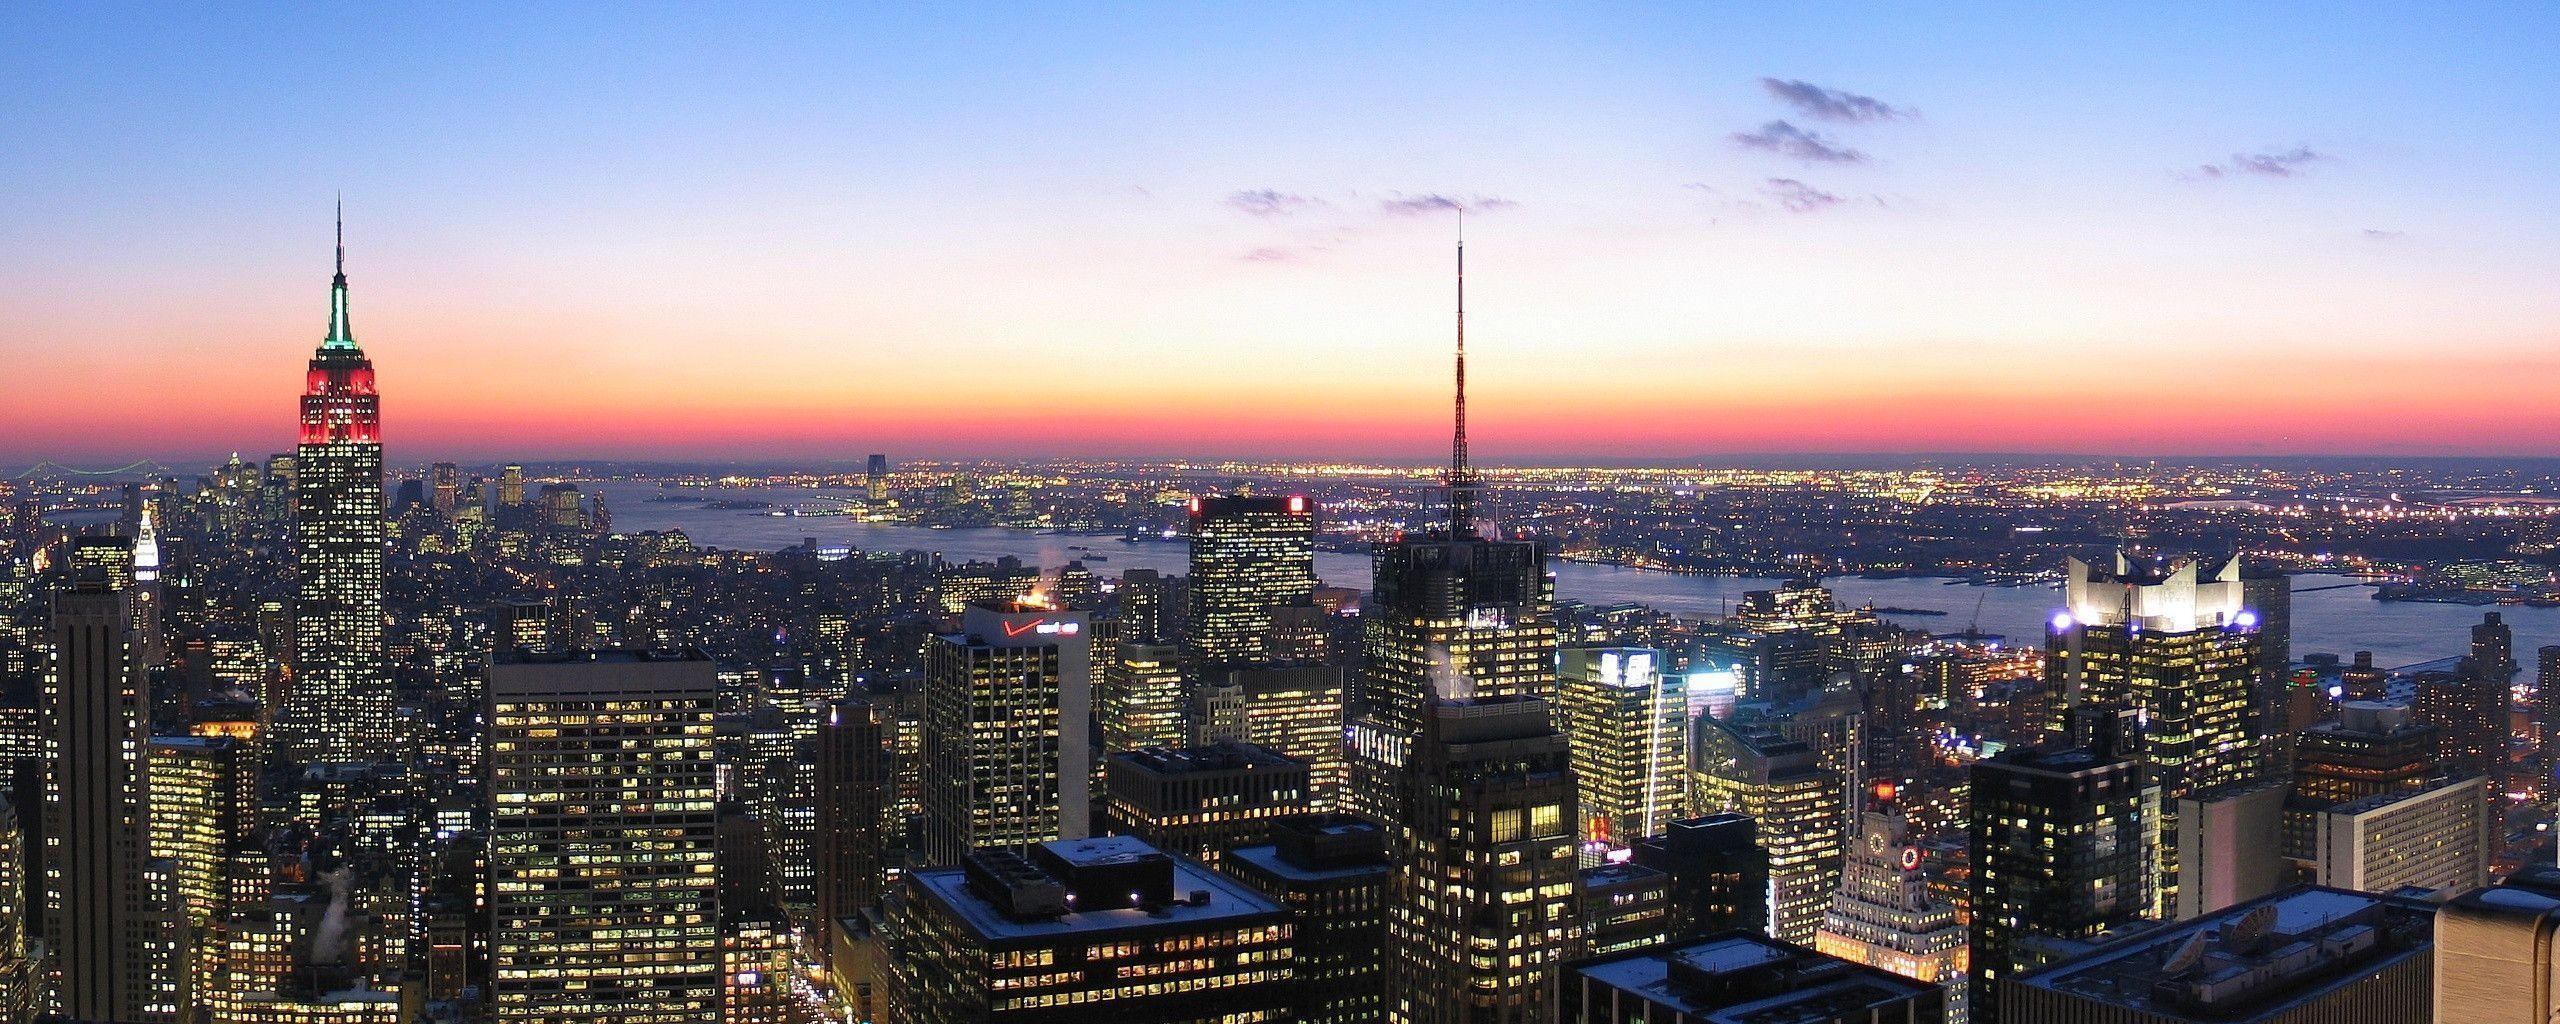 New York City Wallpaper Widescreen Categories City Wallpaper ...